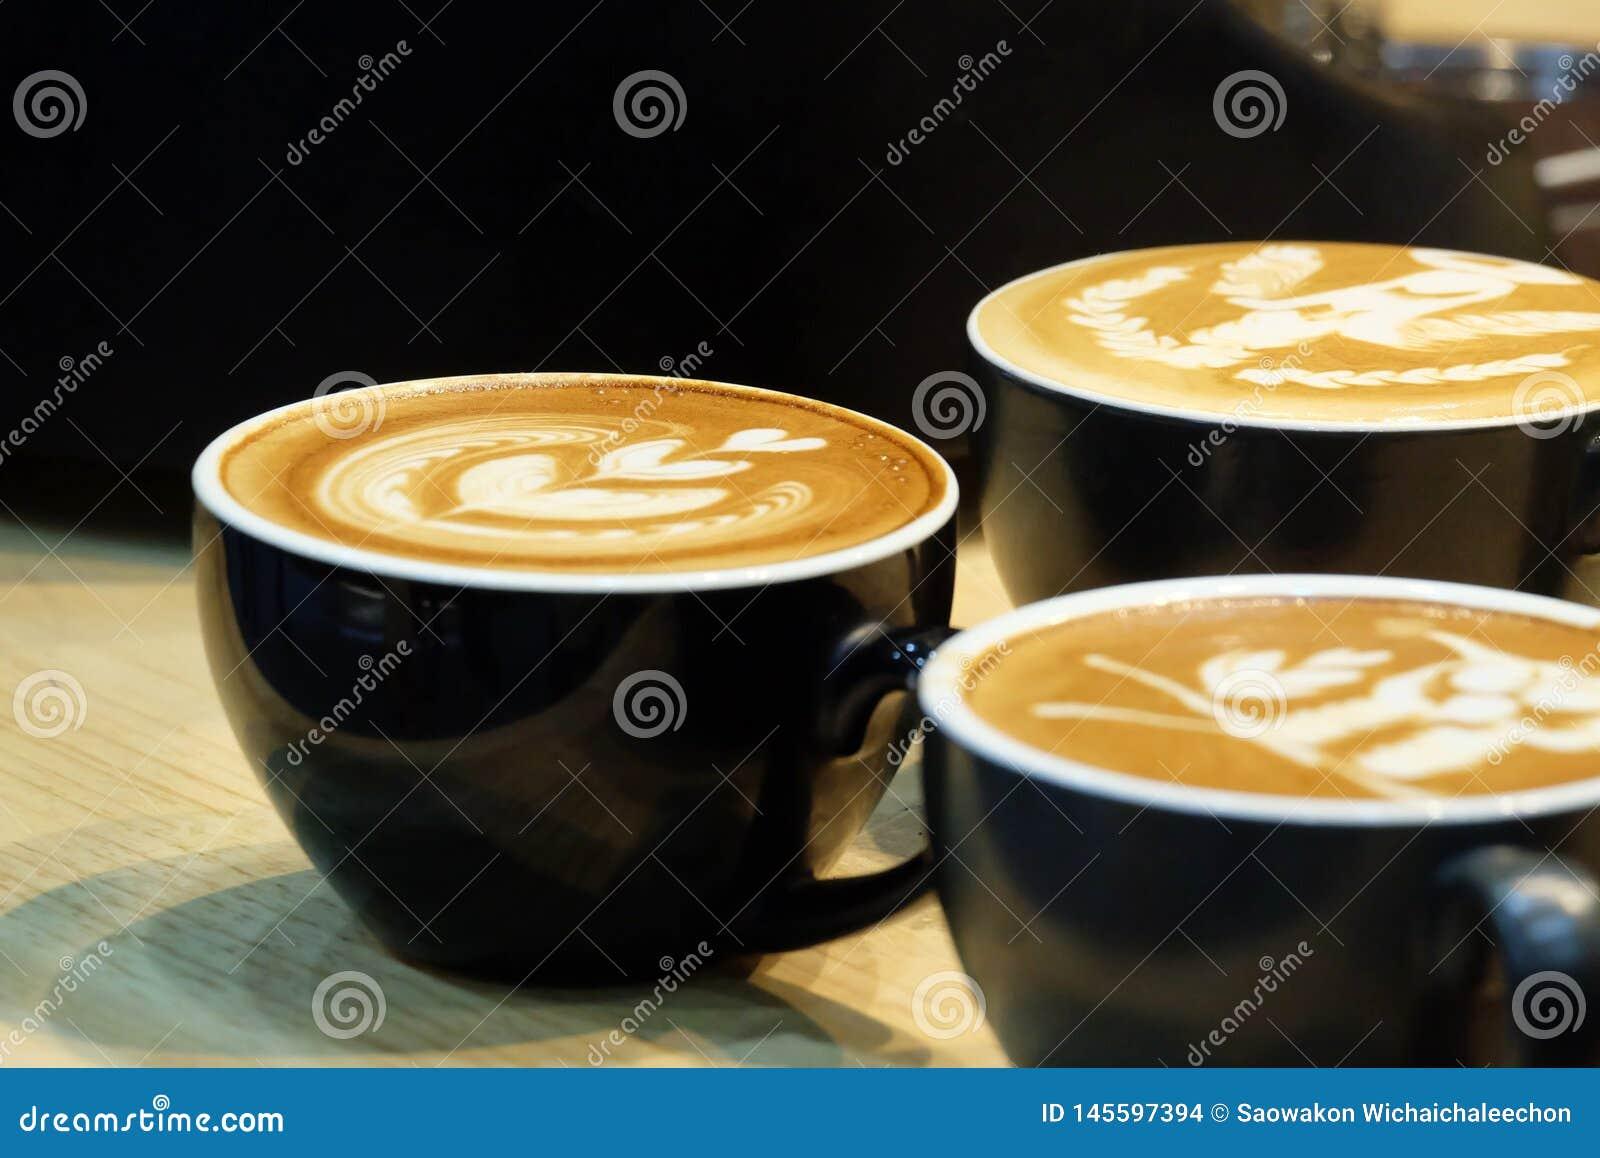 Sluit omhoog een mooie lattekunst bovenop een hete lattekoffie in een zwarte kop